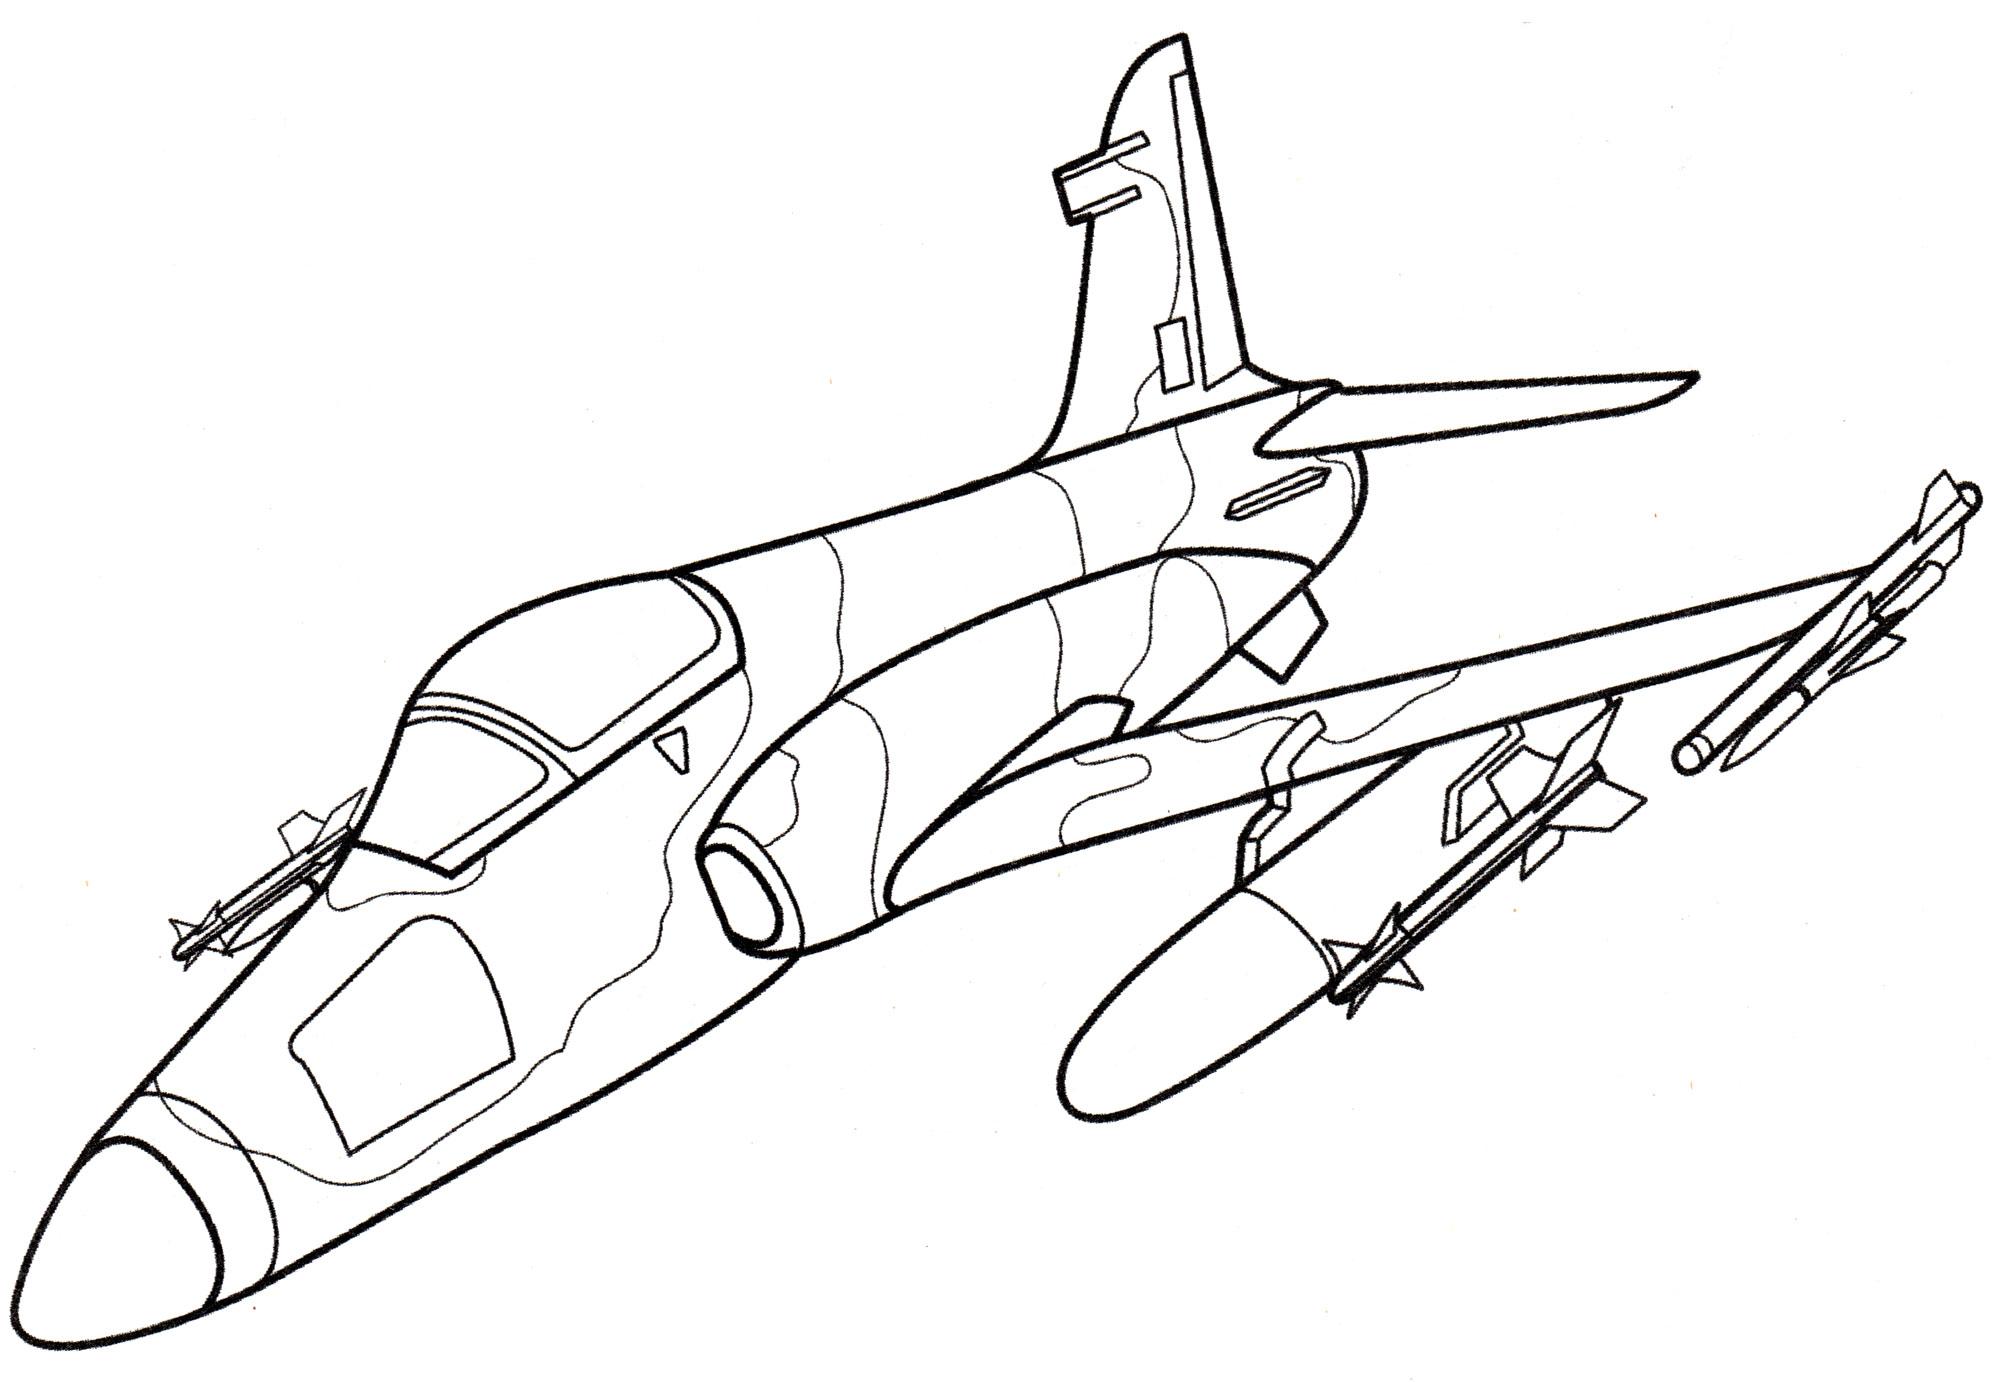 раскраска самолет штурмовик Hawk Mk 200 распечатать бесплатно